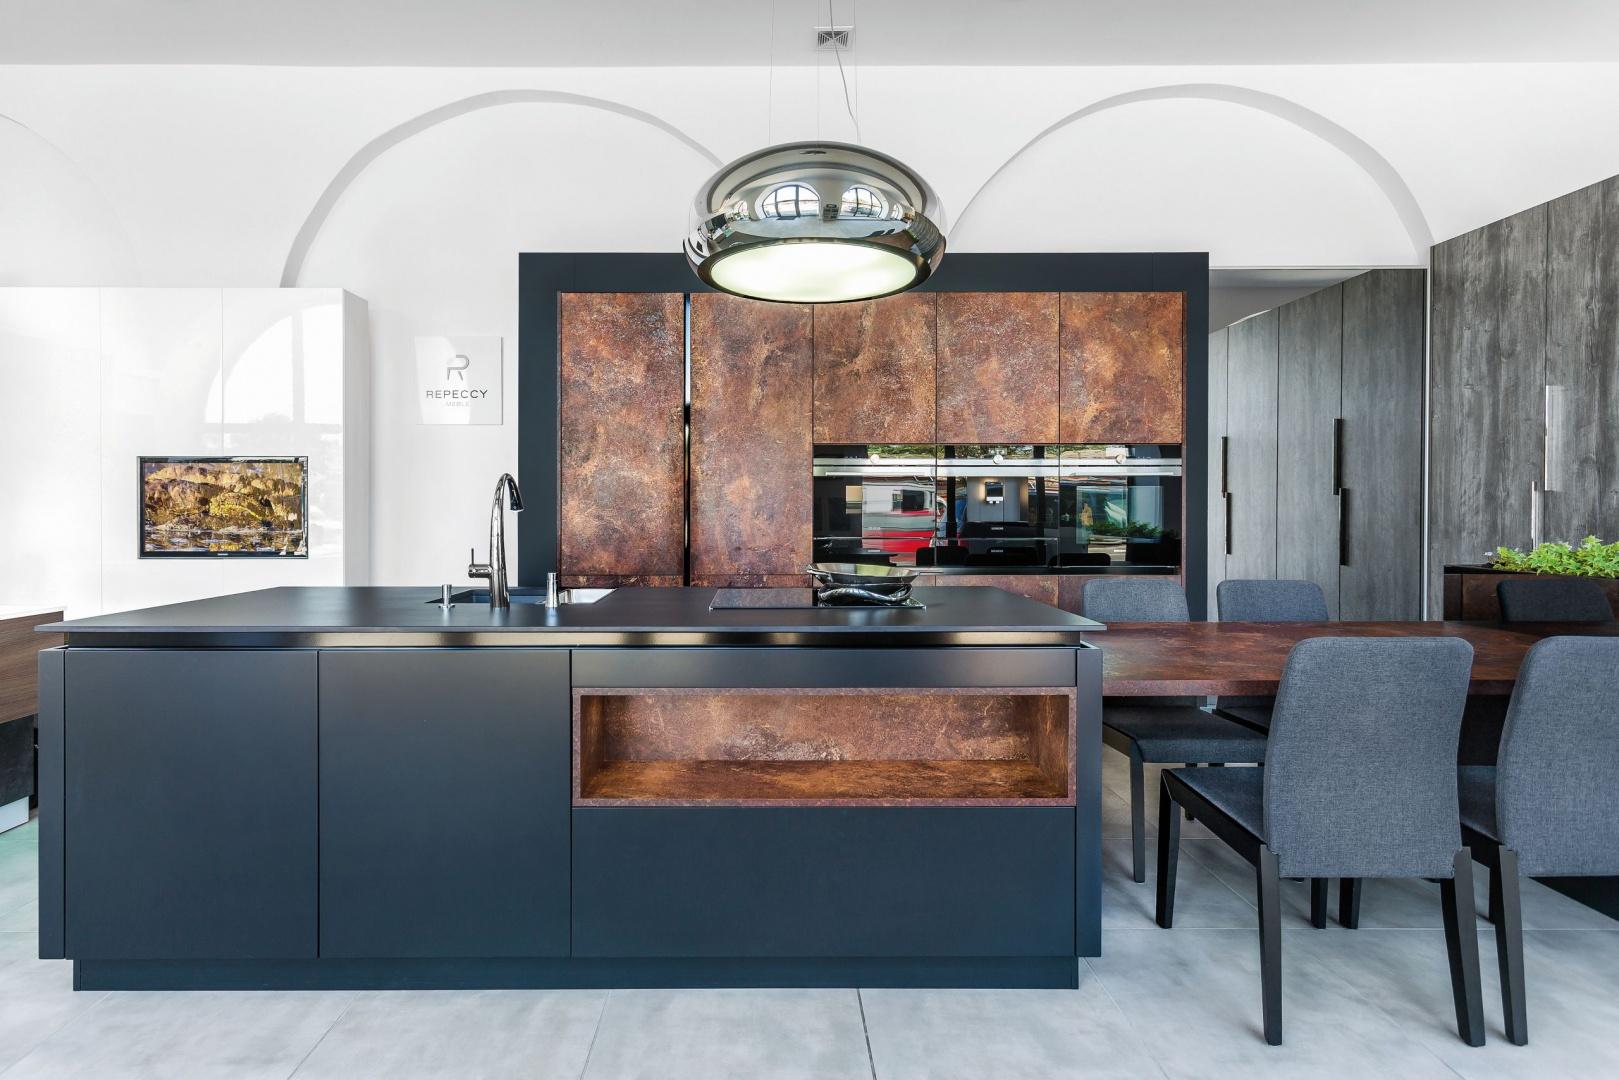 Luksusowa kuchnia z granitowym zlewozmywakiem. Fot. Studio Max Kuchnie / Repeccy